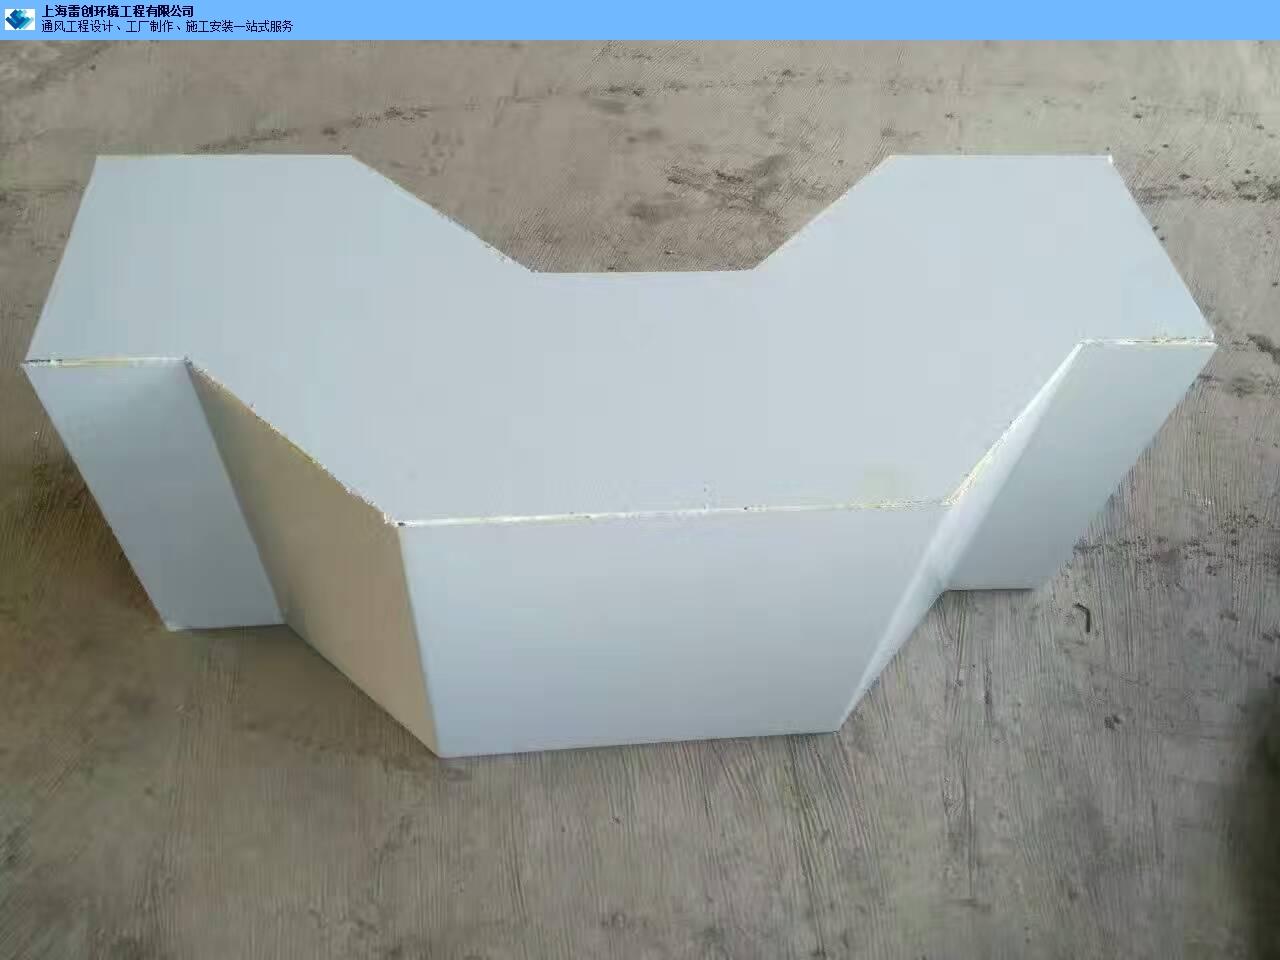 供应上海市制作1.5mm镀锌风管厂家定制批发上海雷创环境工程供应